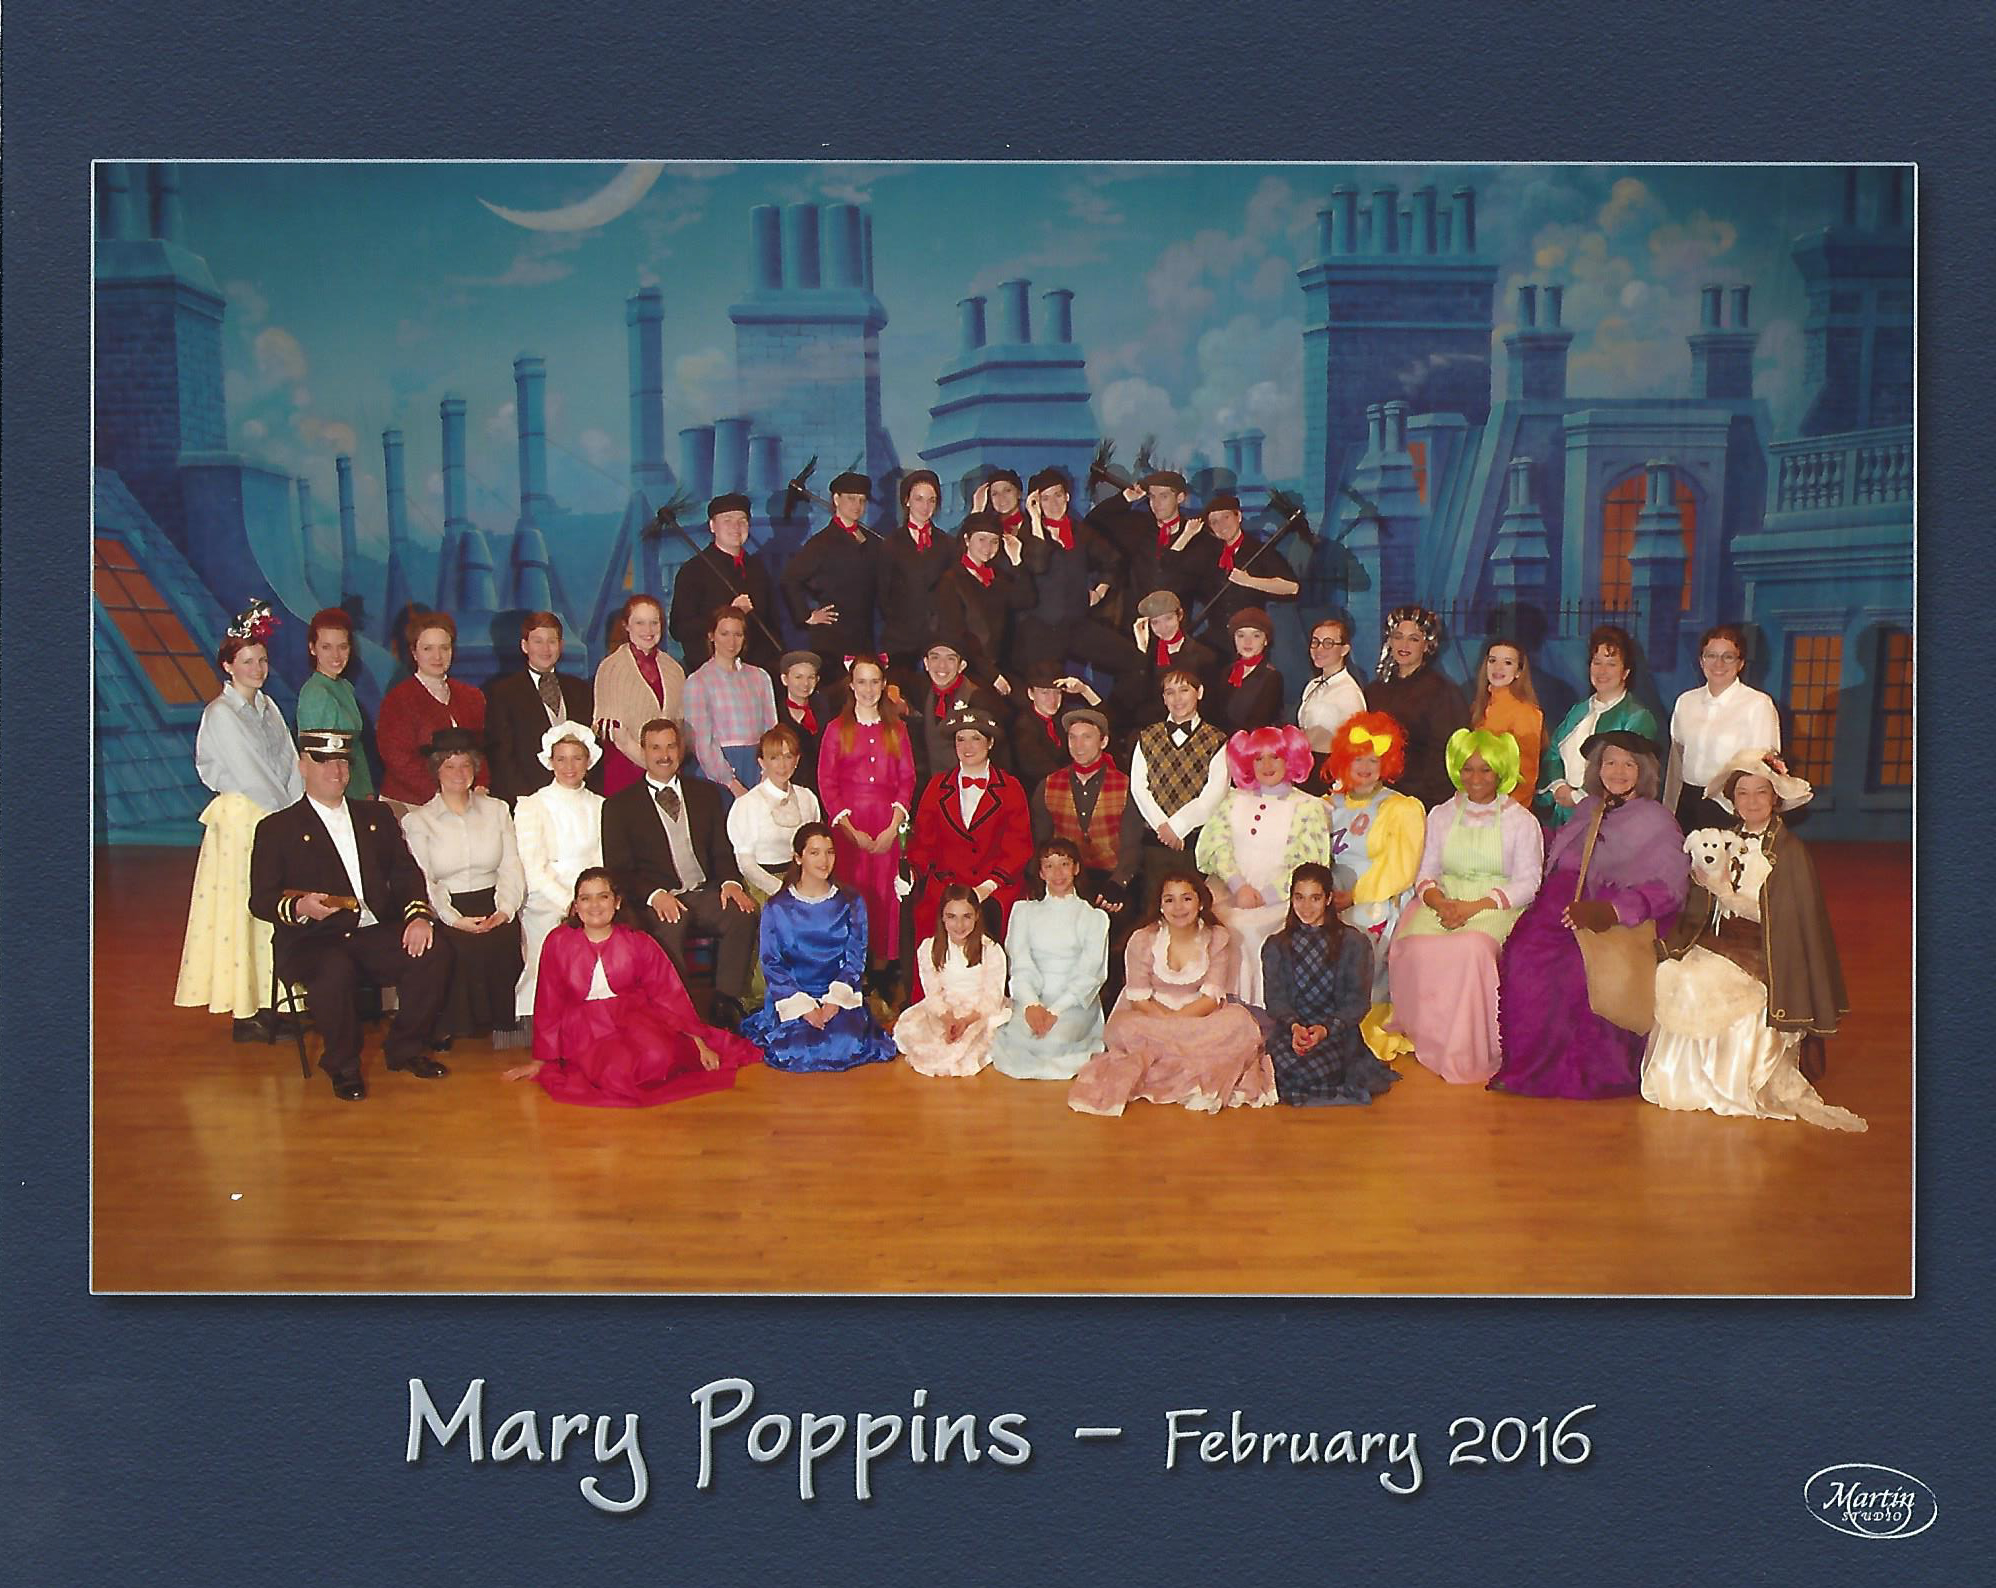 Mary Poppins - Season 37